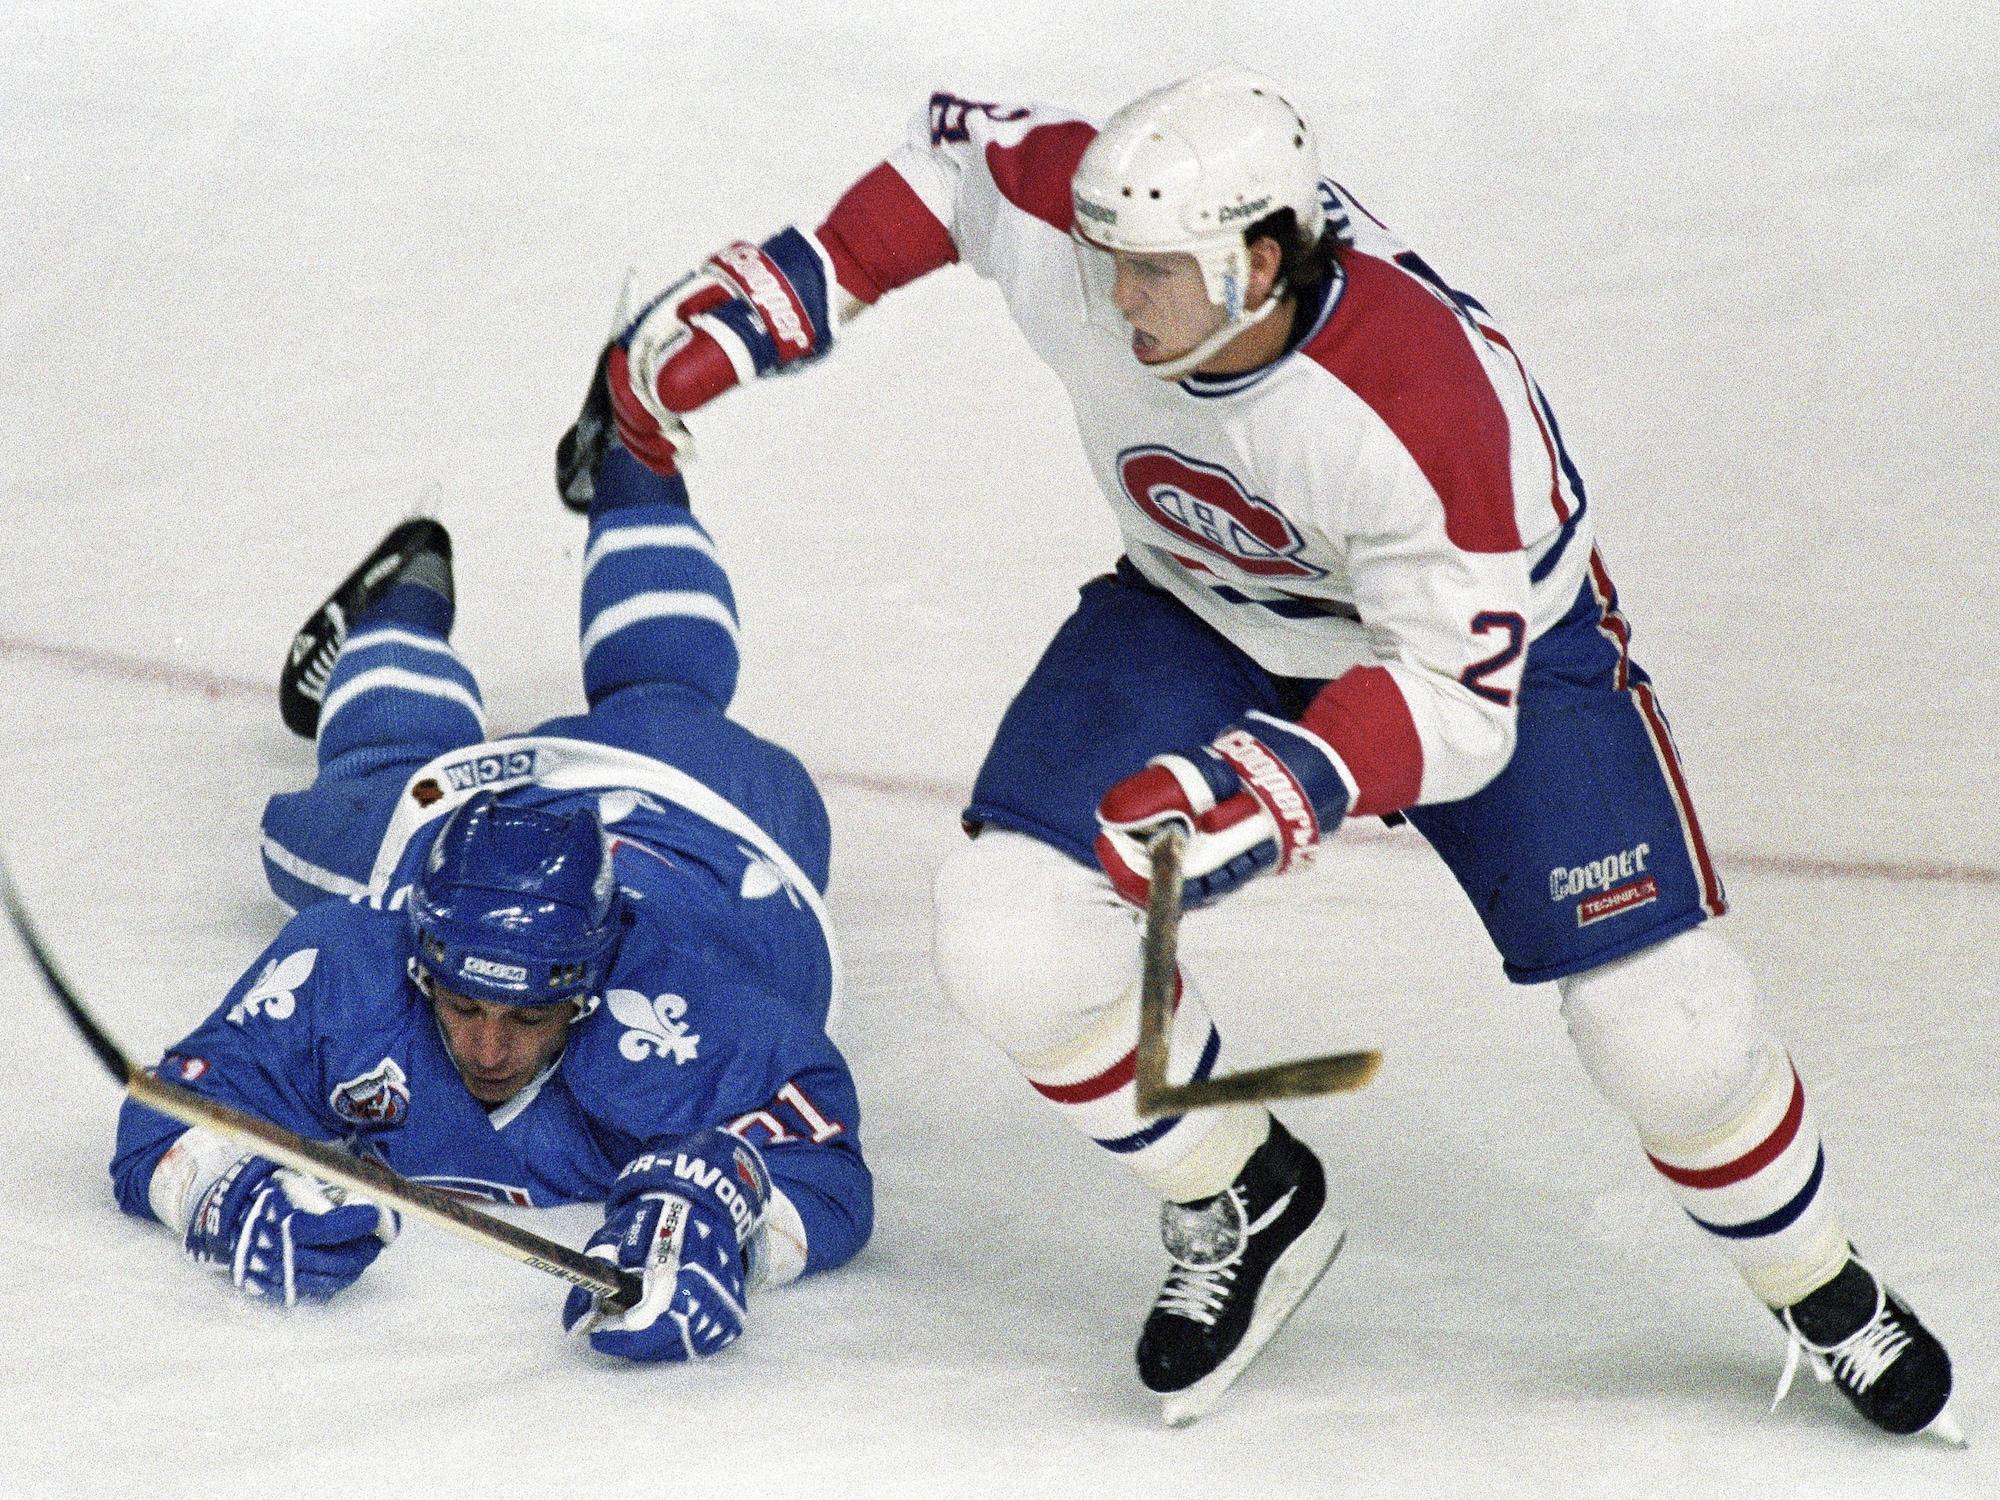 Valeri Kamensky, des Nordiques de Québec, tombe sur la glace en tentant de bloquer Éric Desjardins, du Canadien de Montréal.